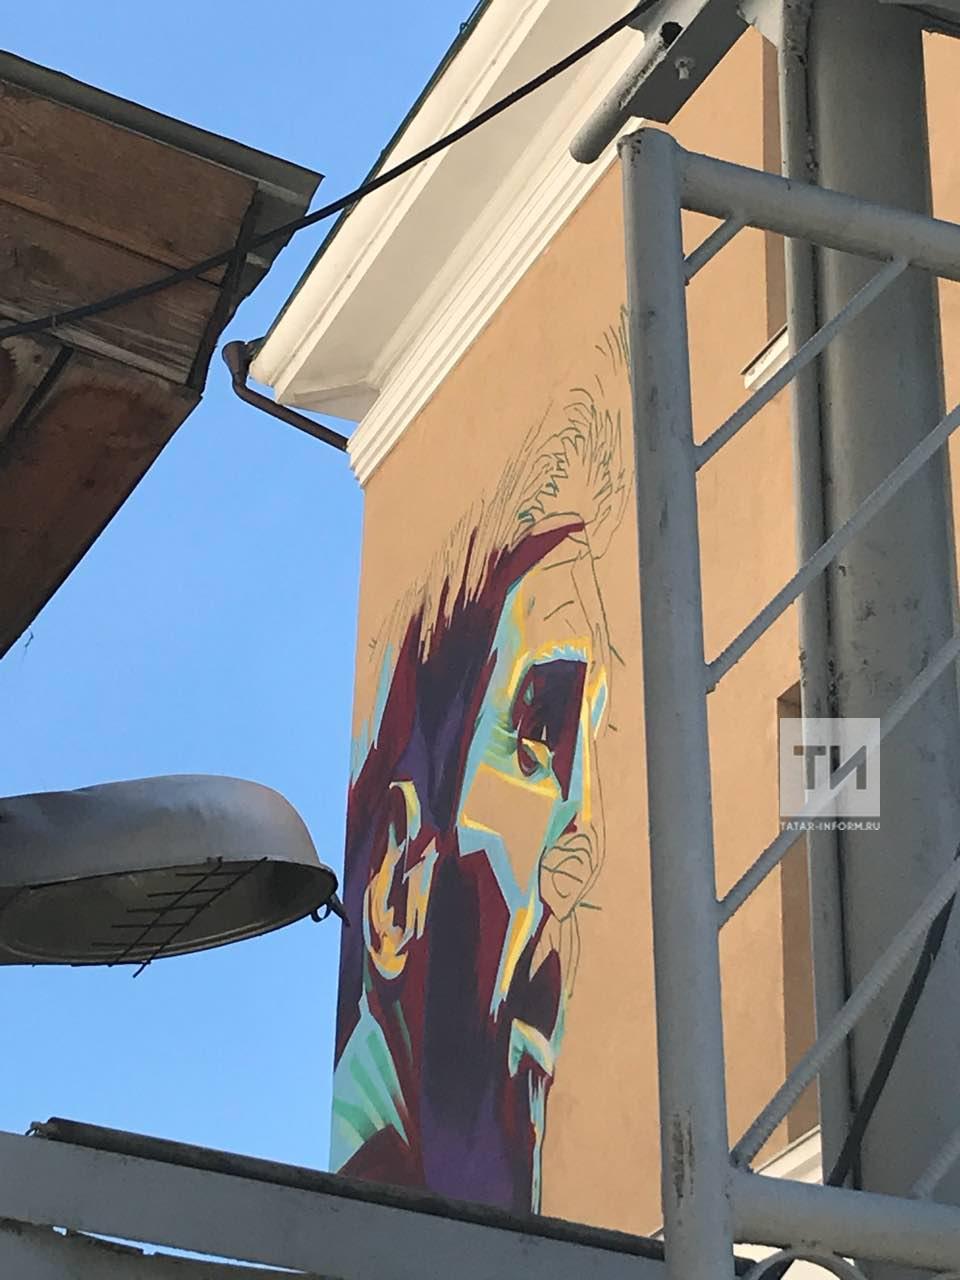 В Казани начали рисовать граффити с изображением Лионеля Месси (ФОТО)